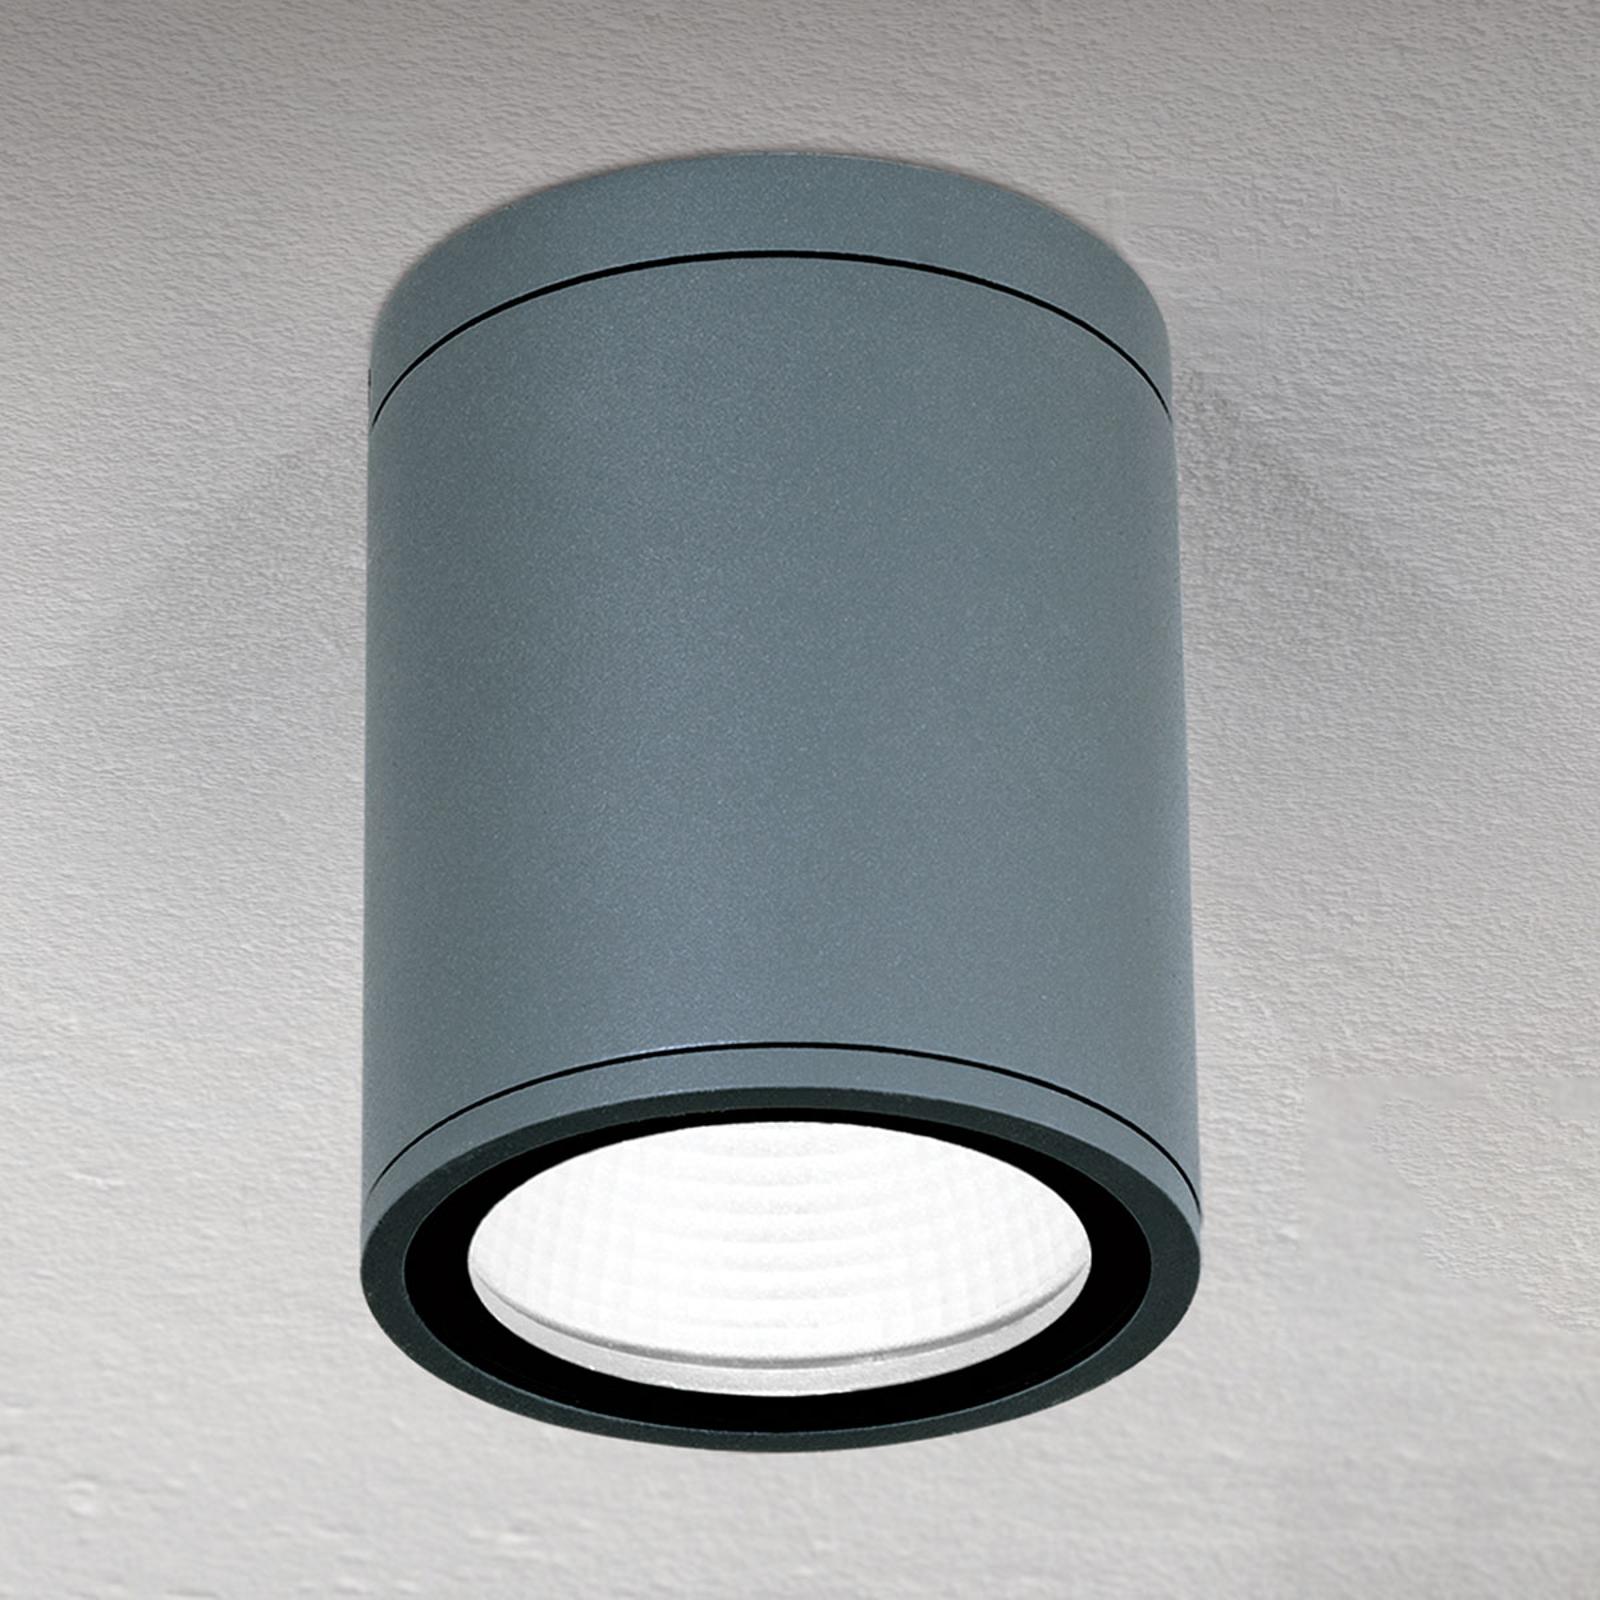 Lampa sufitowa LED Sputnik IP65 Ø 9cm antracytowa